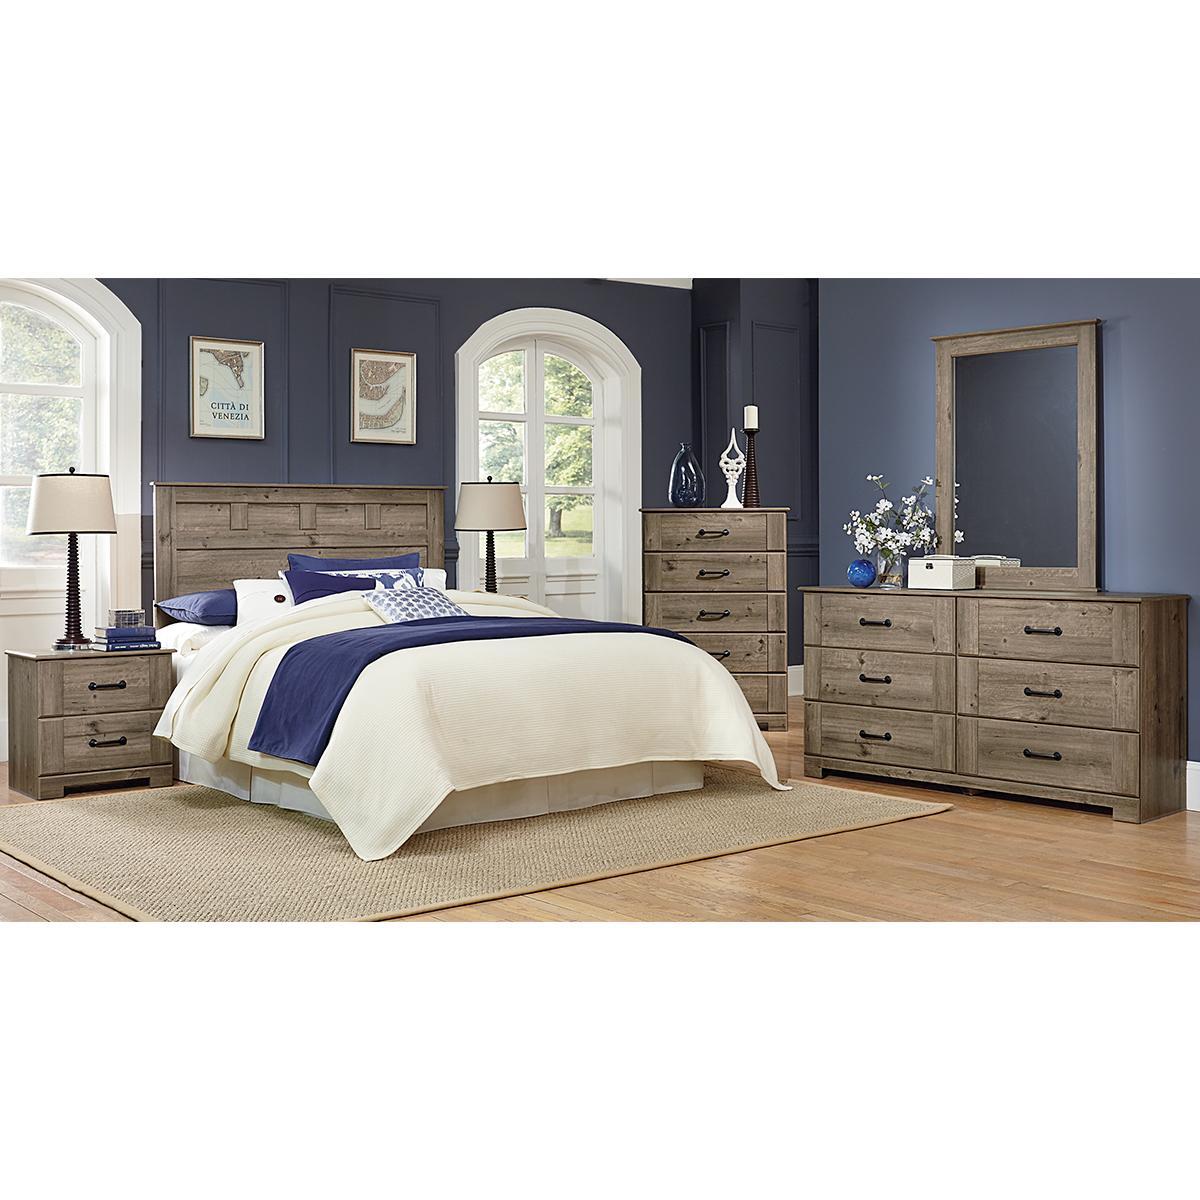 Best Lemoore Meadowlark 4 Piece Queen Bedroom Set In Weathered 400 x 300